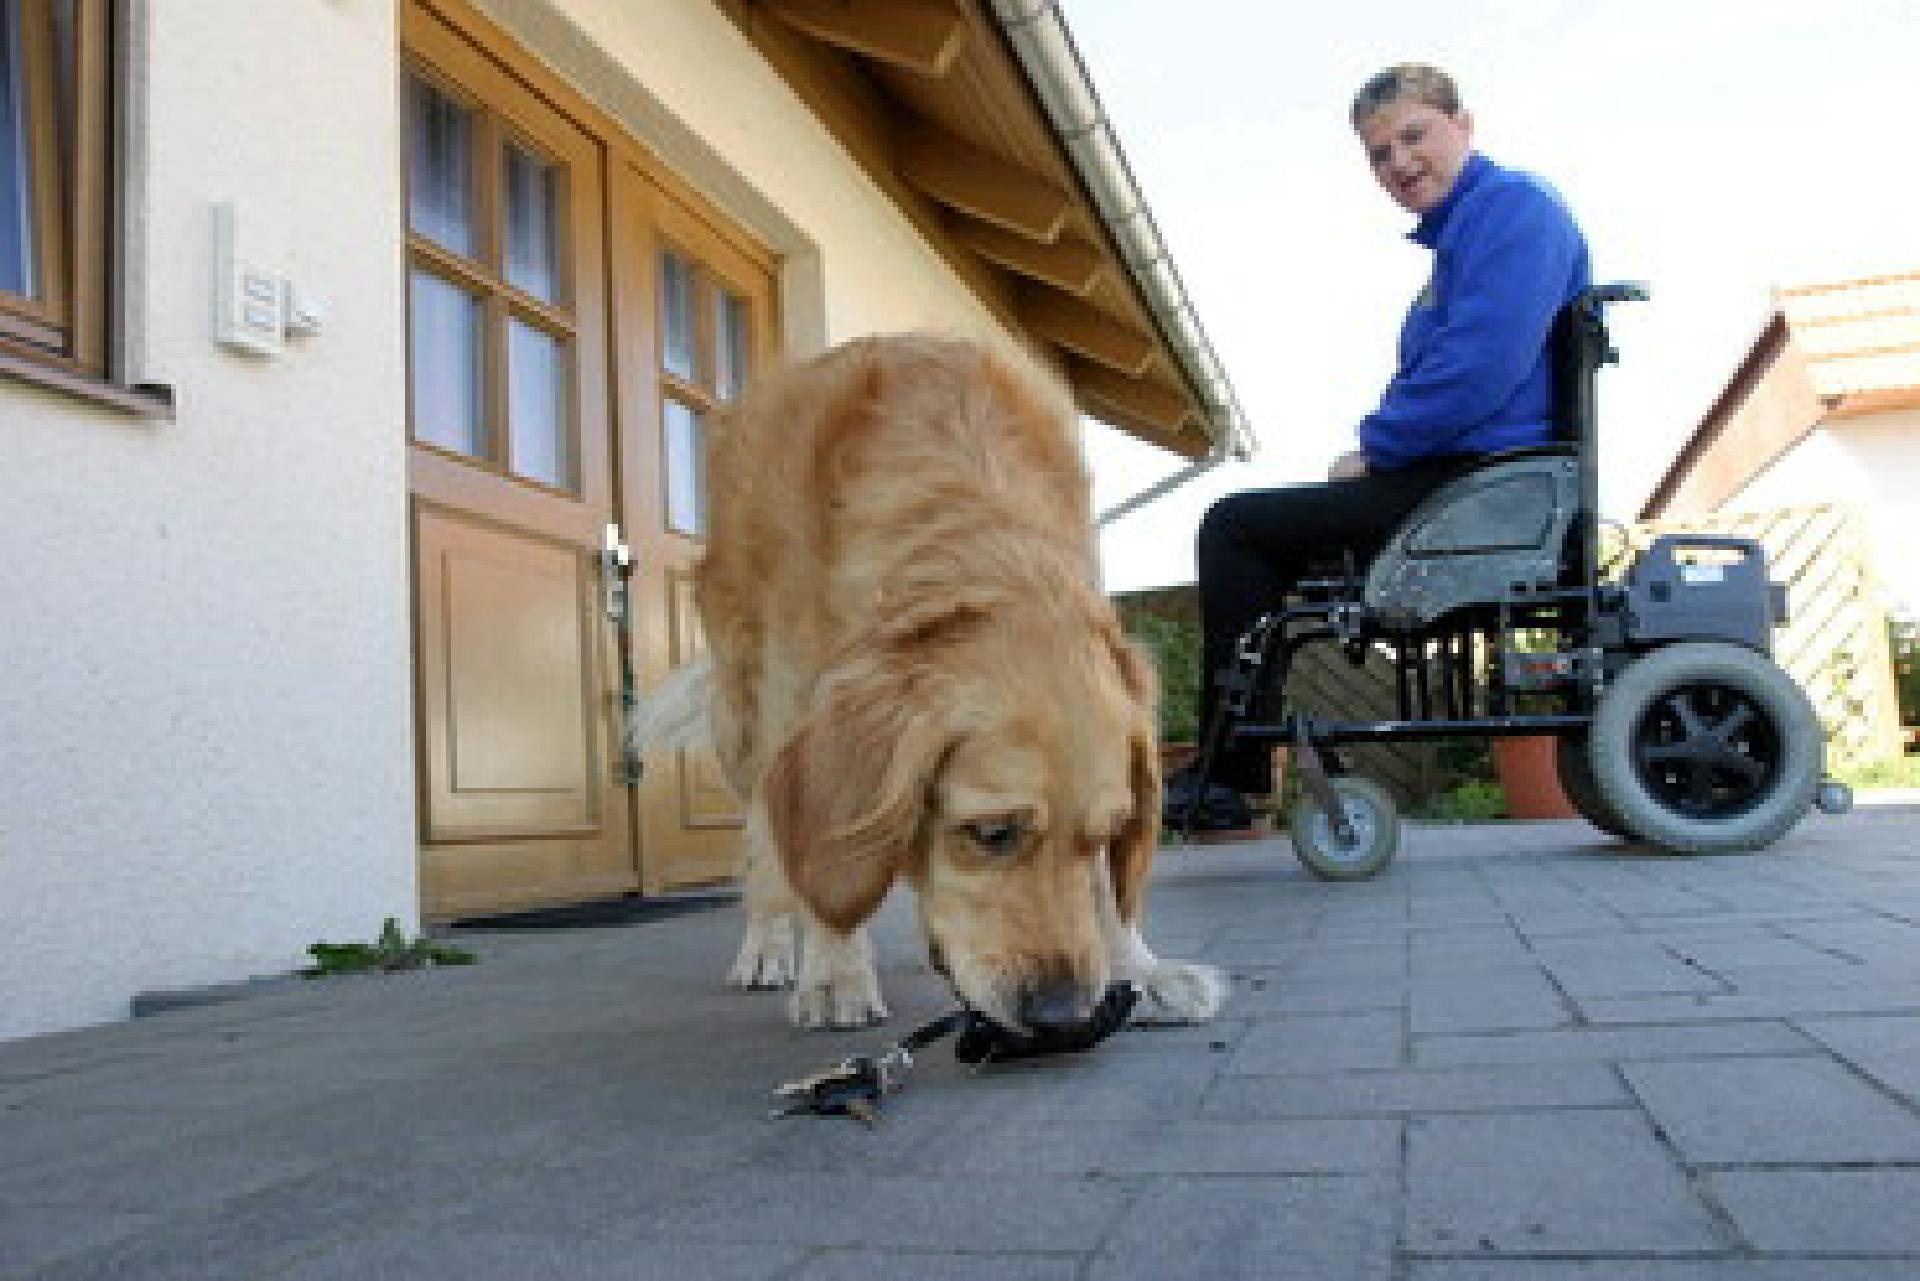 Der Schlüssel zu einem selbstbestimmten Leben: Behinderten-Begleithunde haben wichtige Aufgaben – beispielsweise für ihren Halter den Haustürschlüssel zu apportieren, wenn er herunterfällt. Foto: Mars